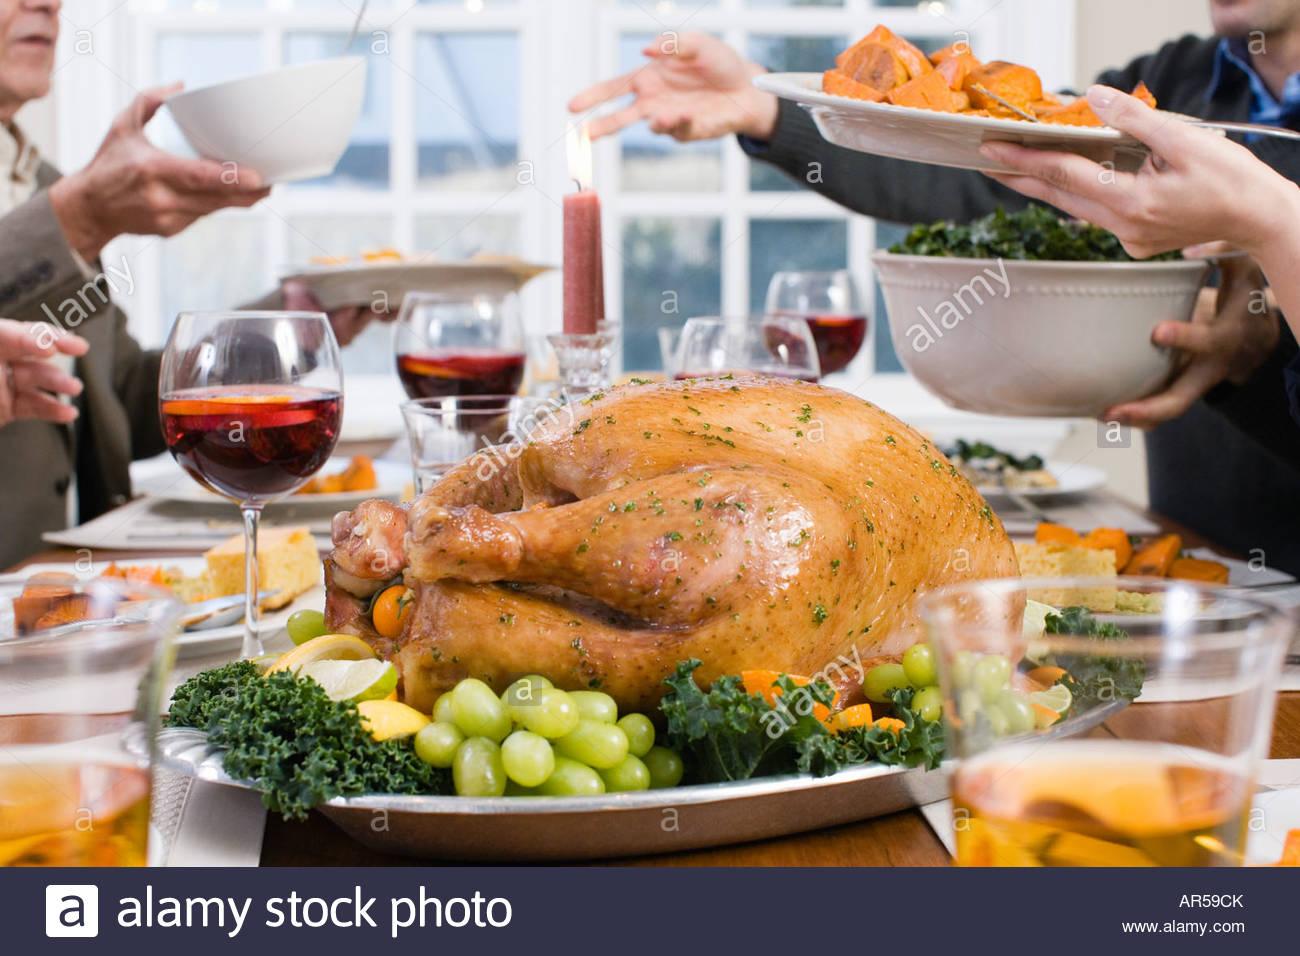 La cena de Acción de Gracias Imagen De Stock